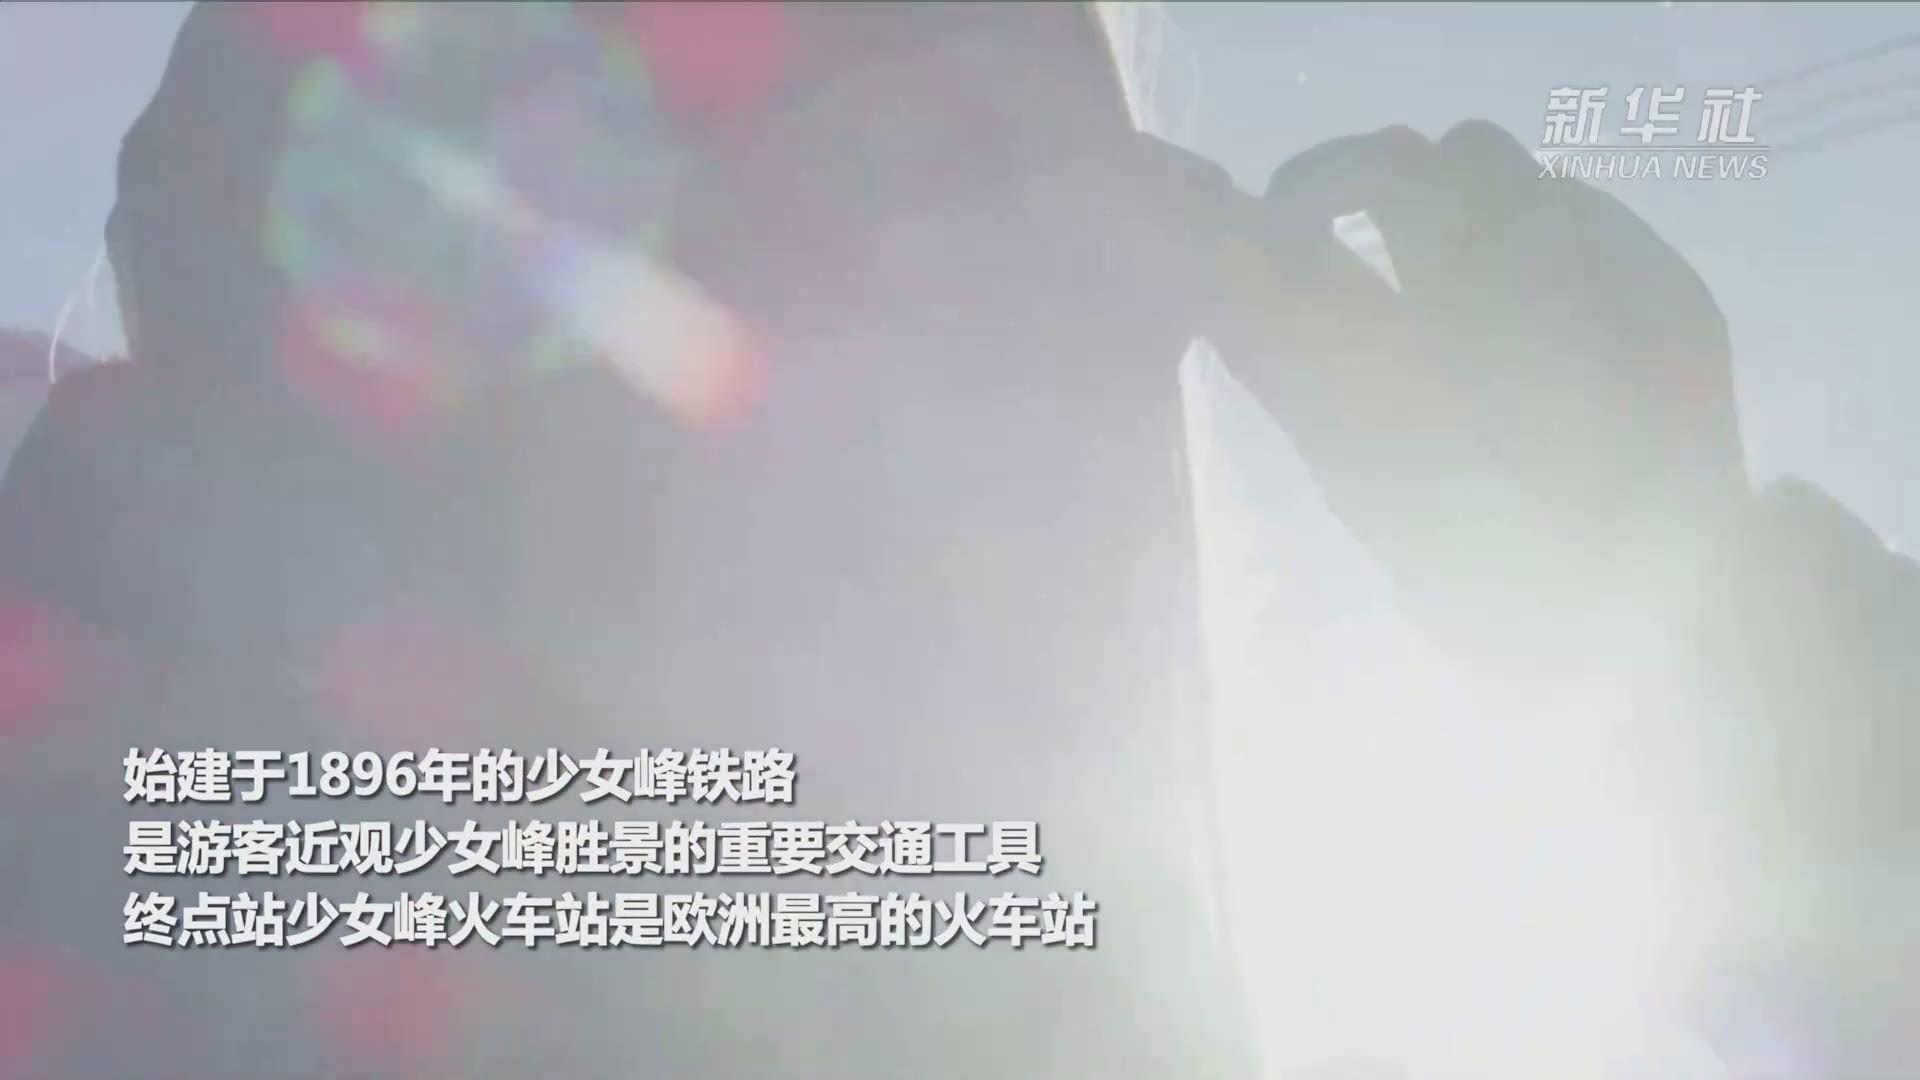 瑞士少女峰:期待更多中国游客 期待北京冬奥会